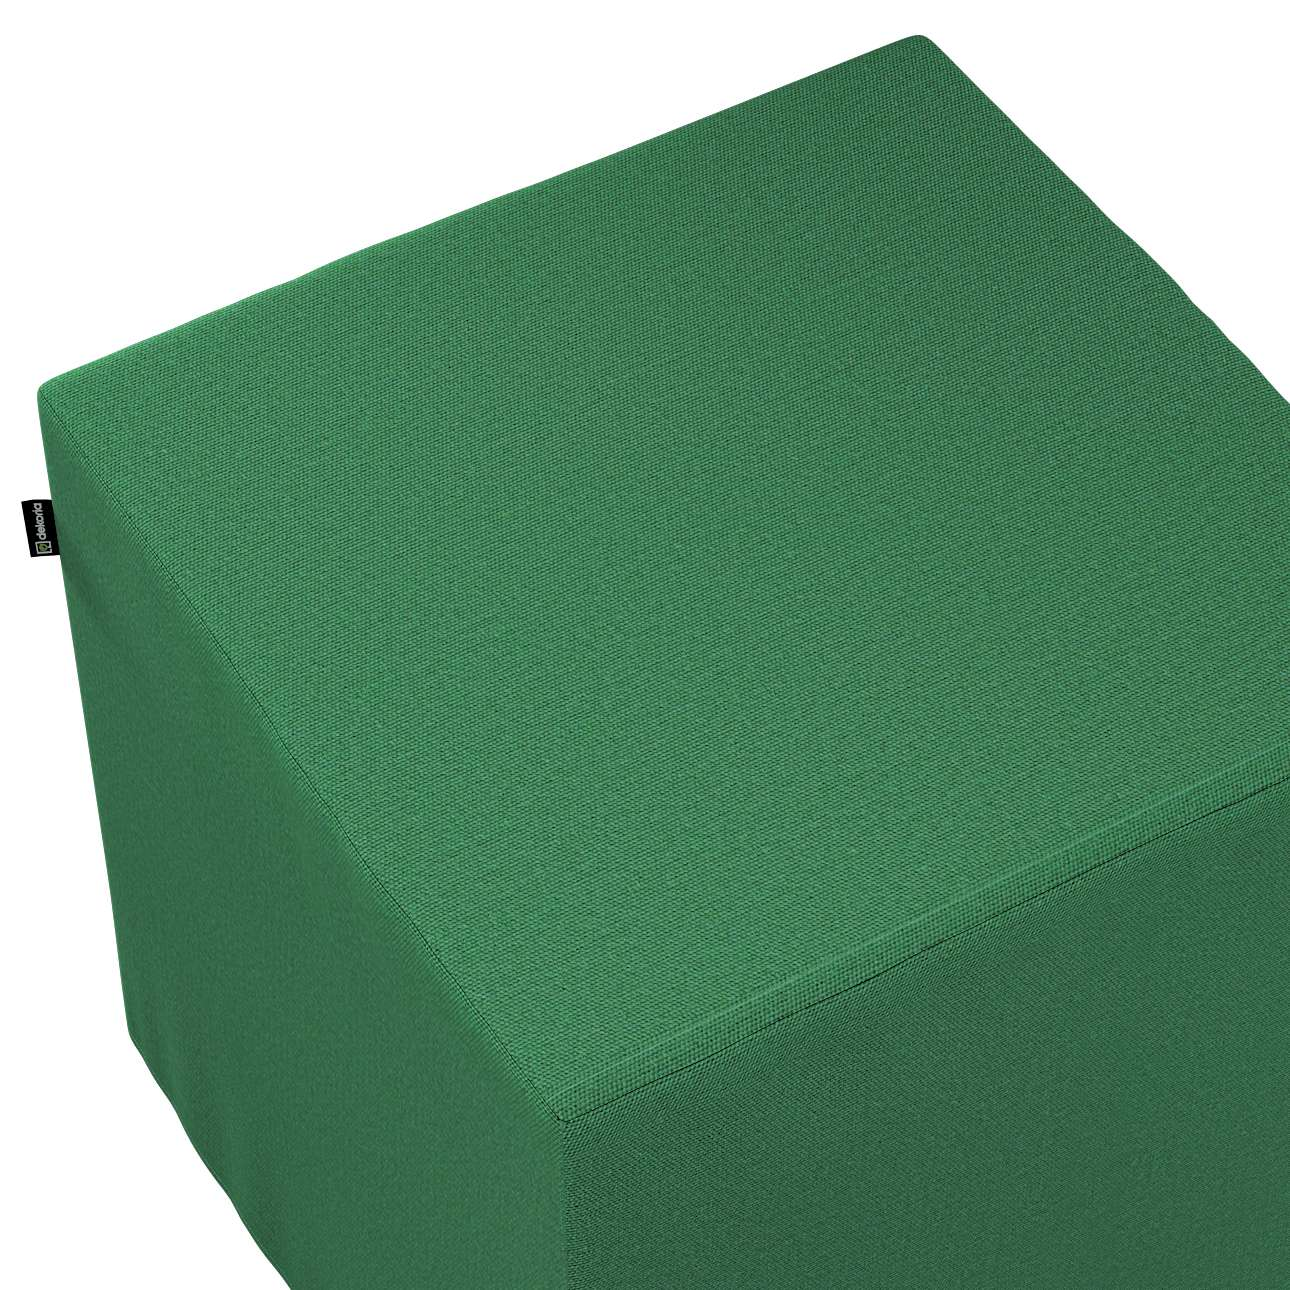 Bezug für Sitzwürfel von der Kollektion Loneta, Stoff: 133-18